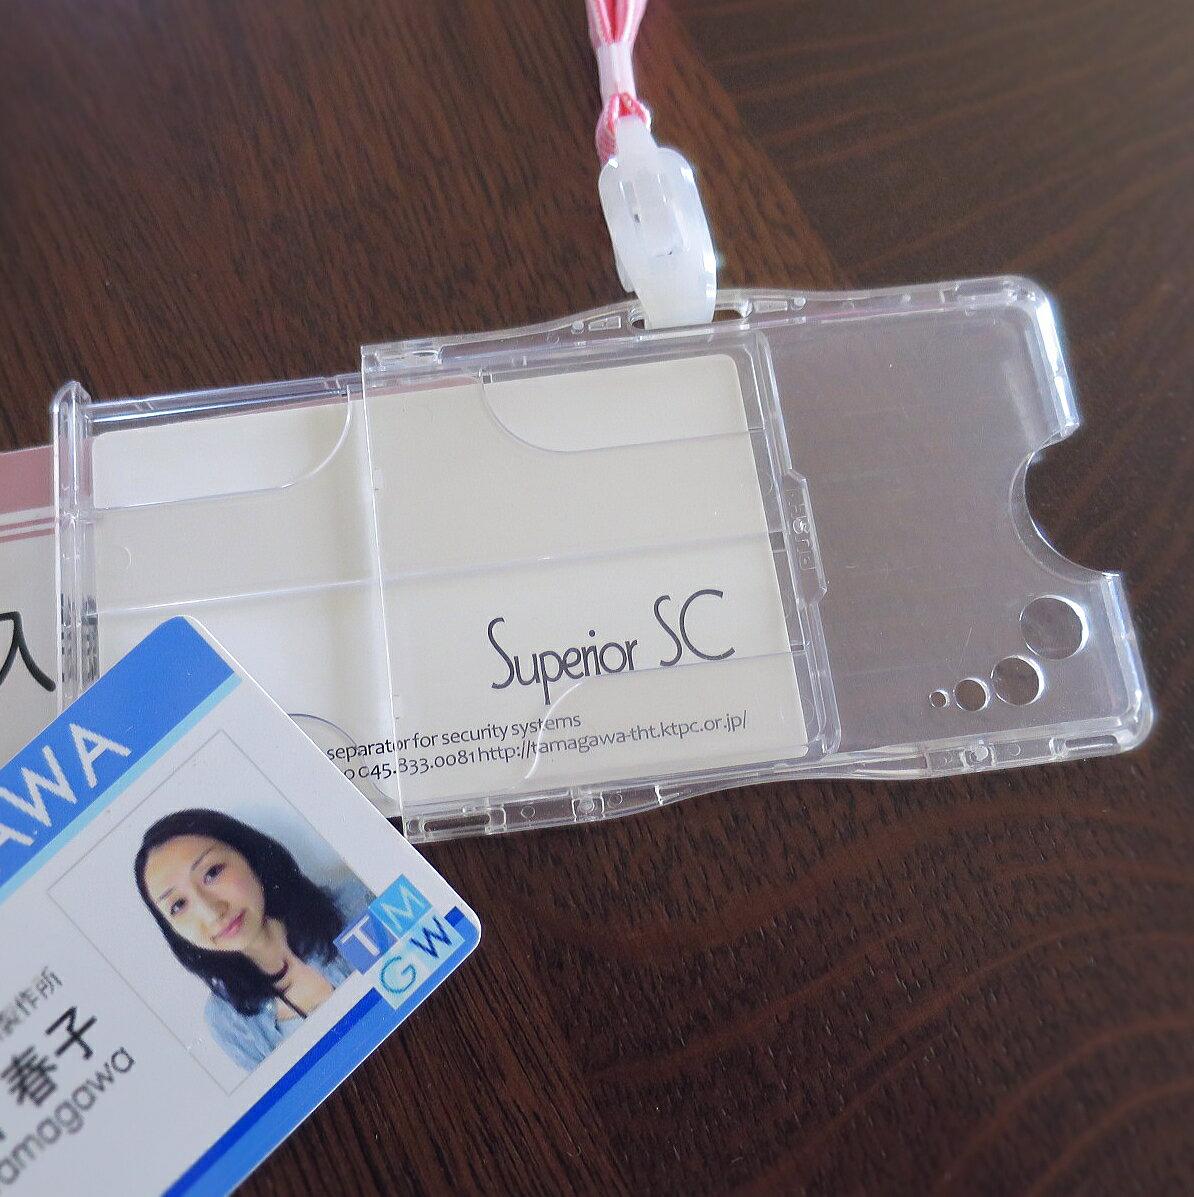 (015)■スペリアSC■セキュリティ系ICカード専用セパレータABS樹脂製IDカードケース付